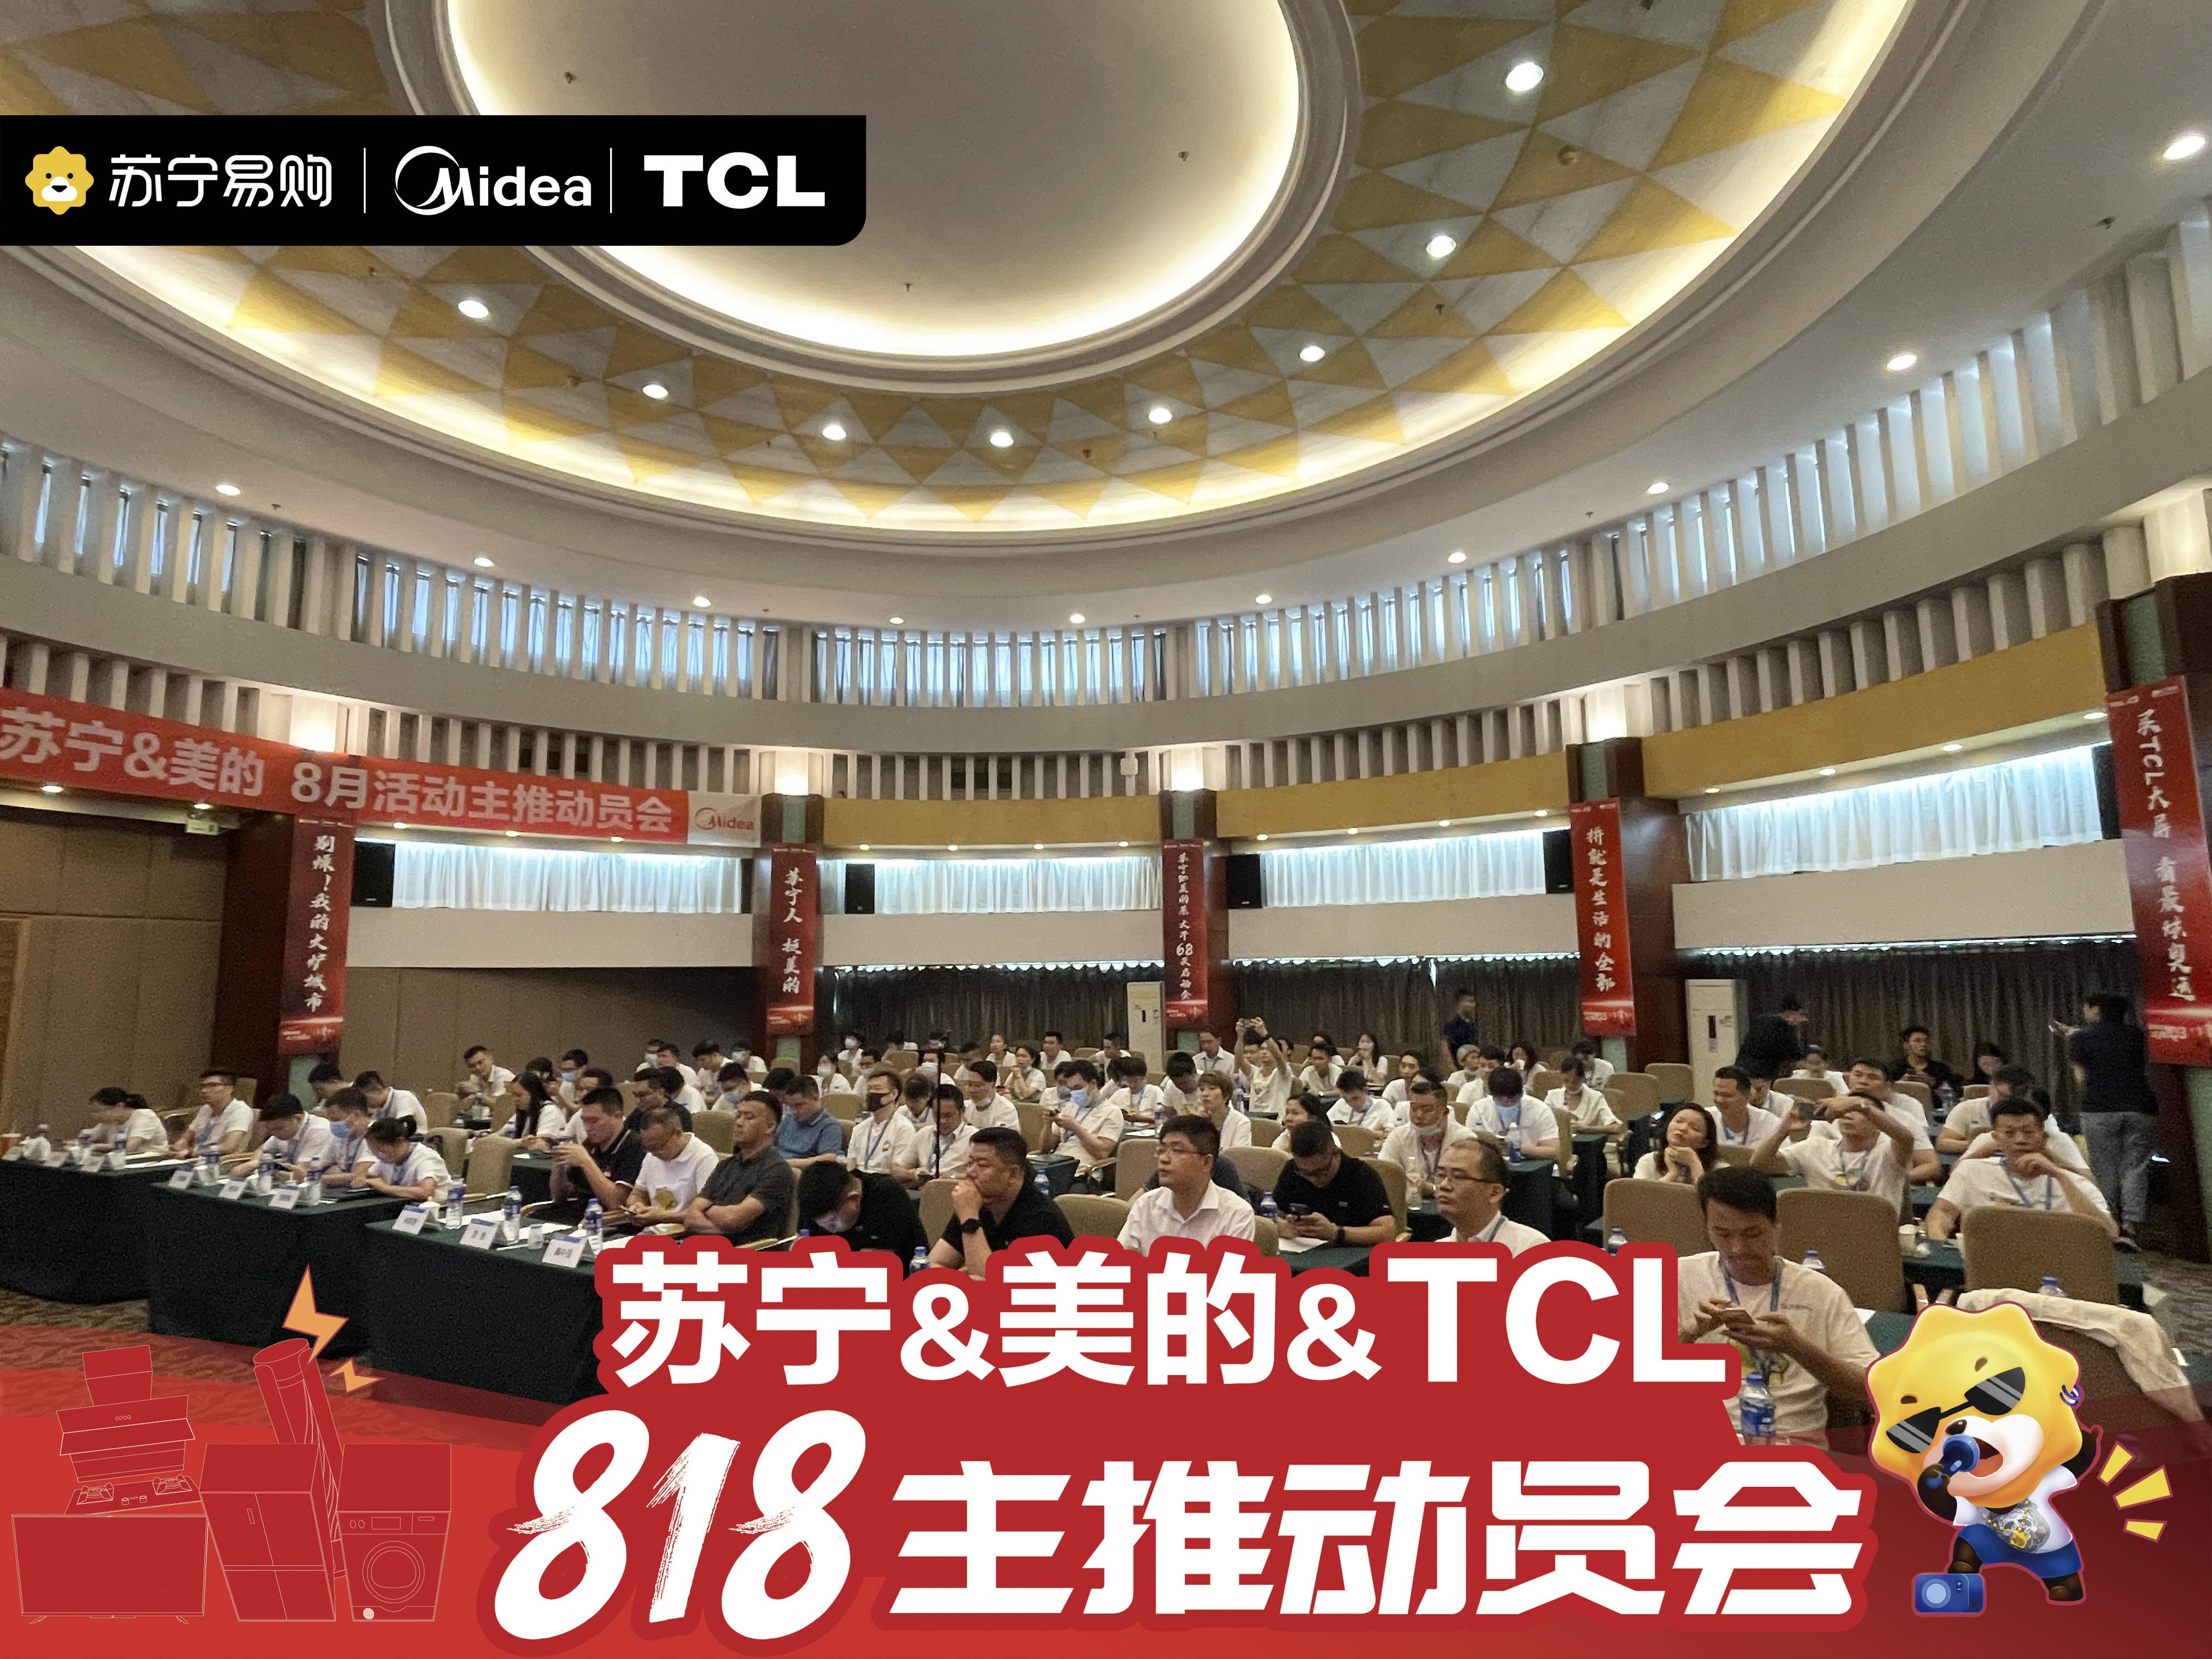 拼,就趁现在!苏宁易购&美的&TCL818主推动员会